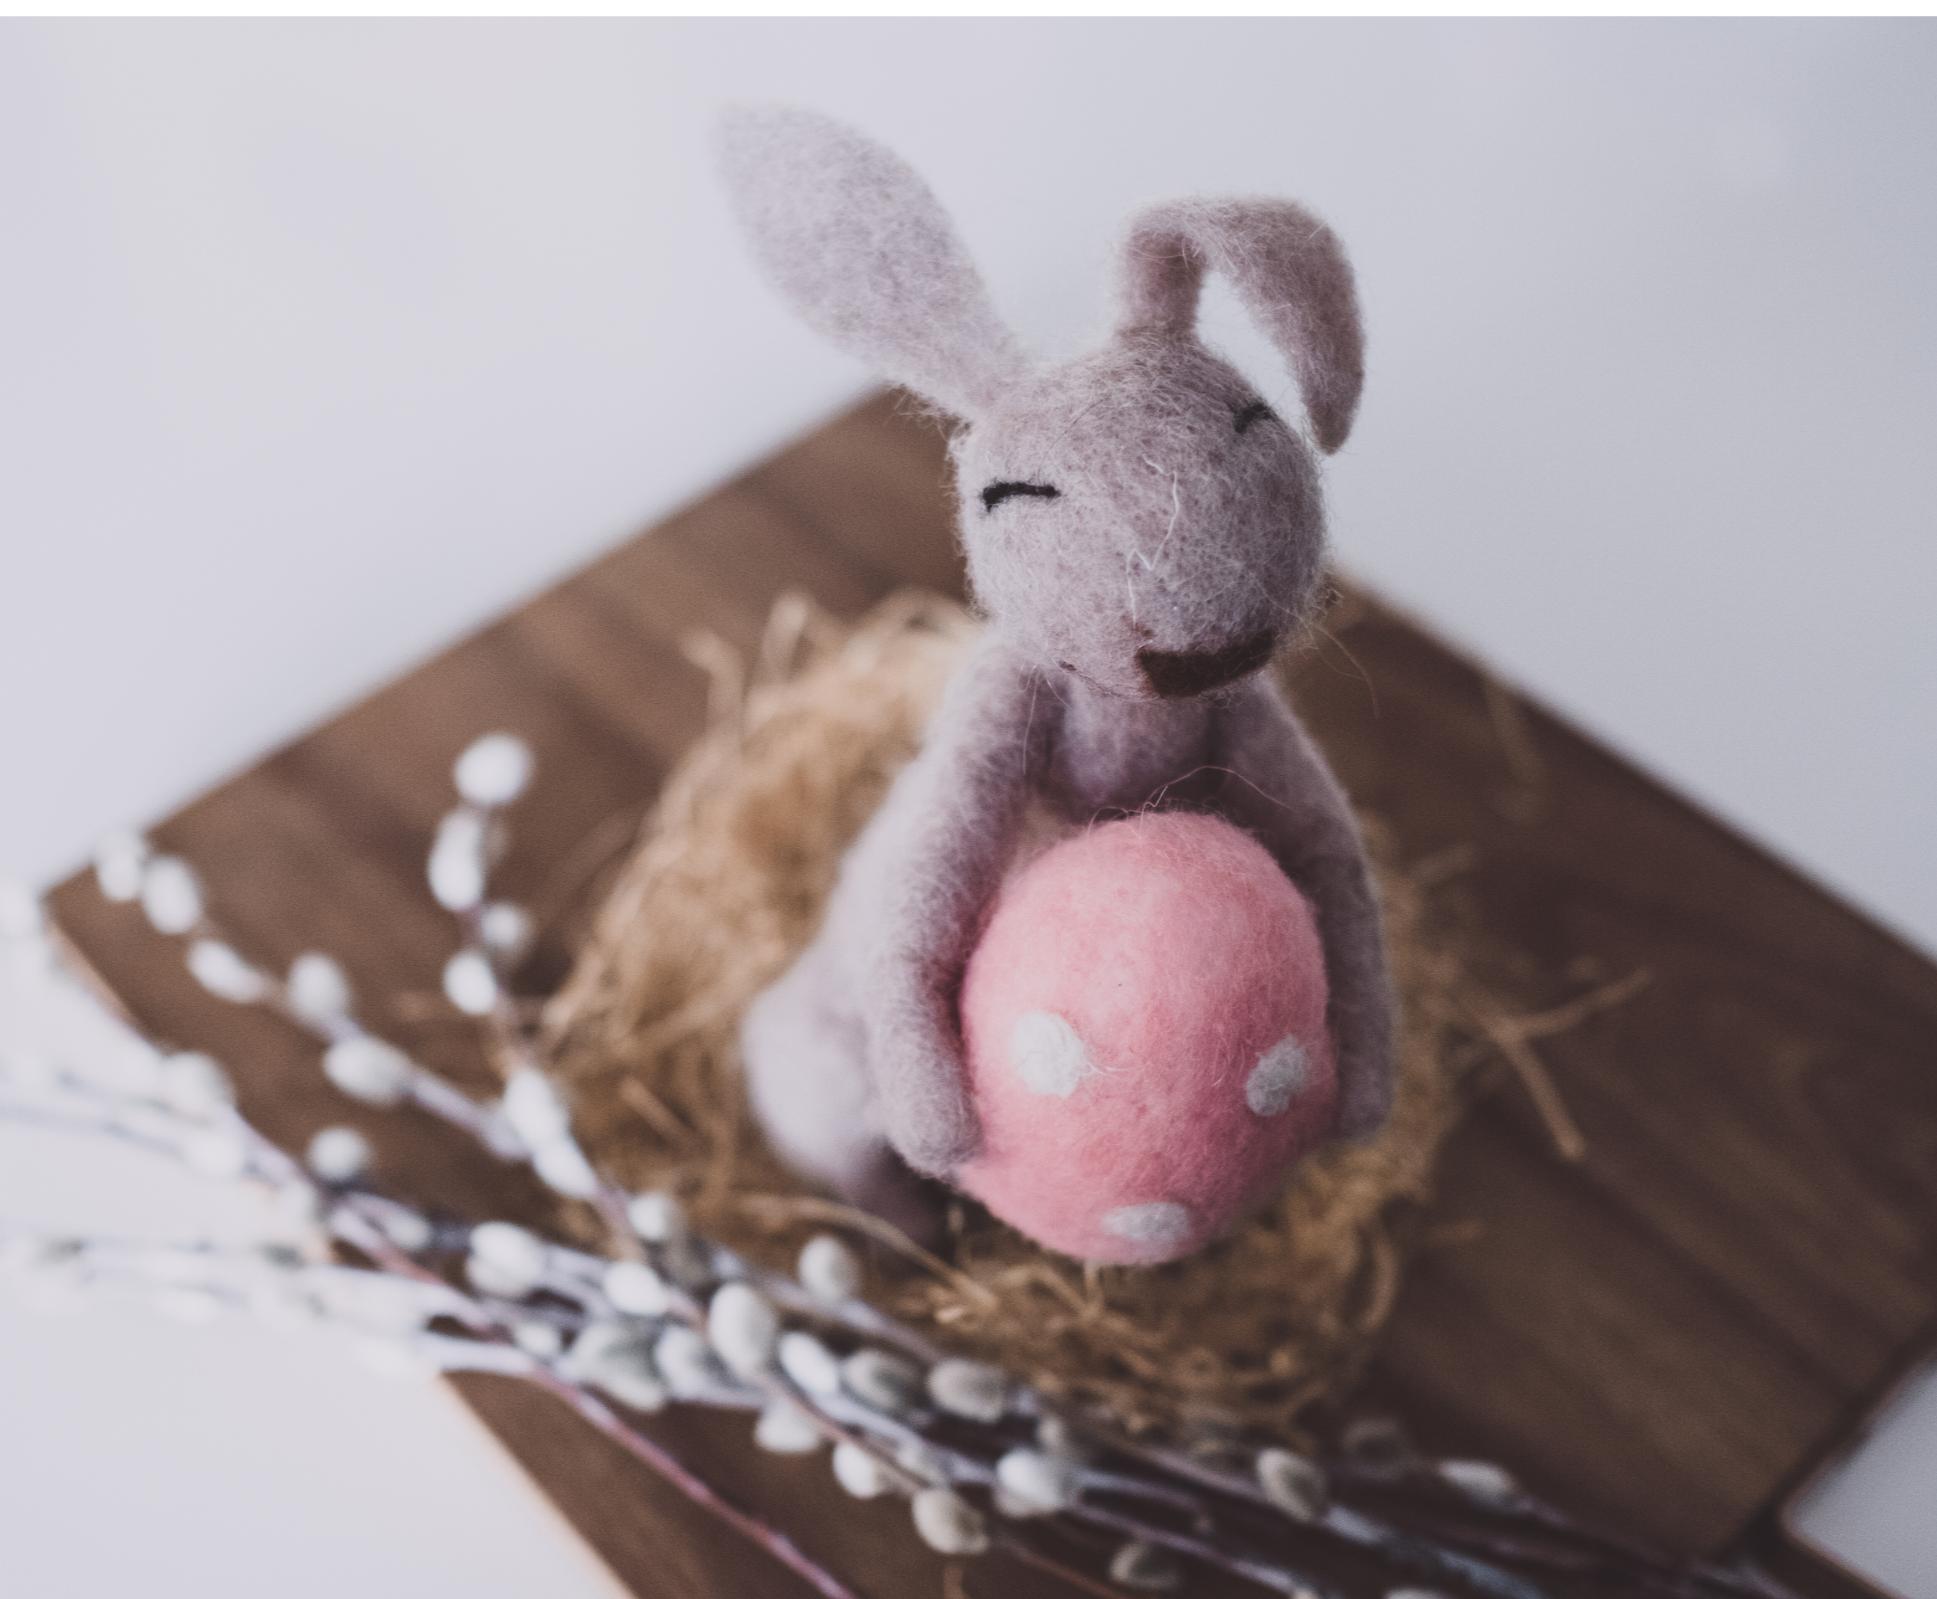 Easter Egg decoration during Easter celebration